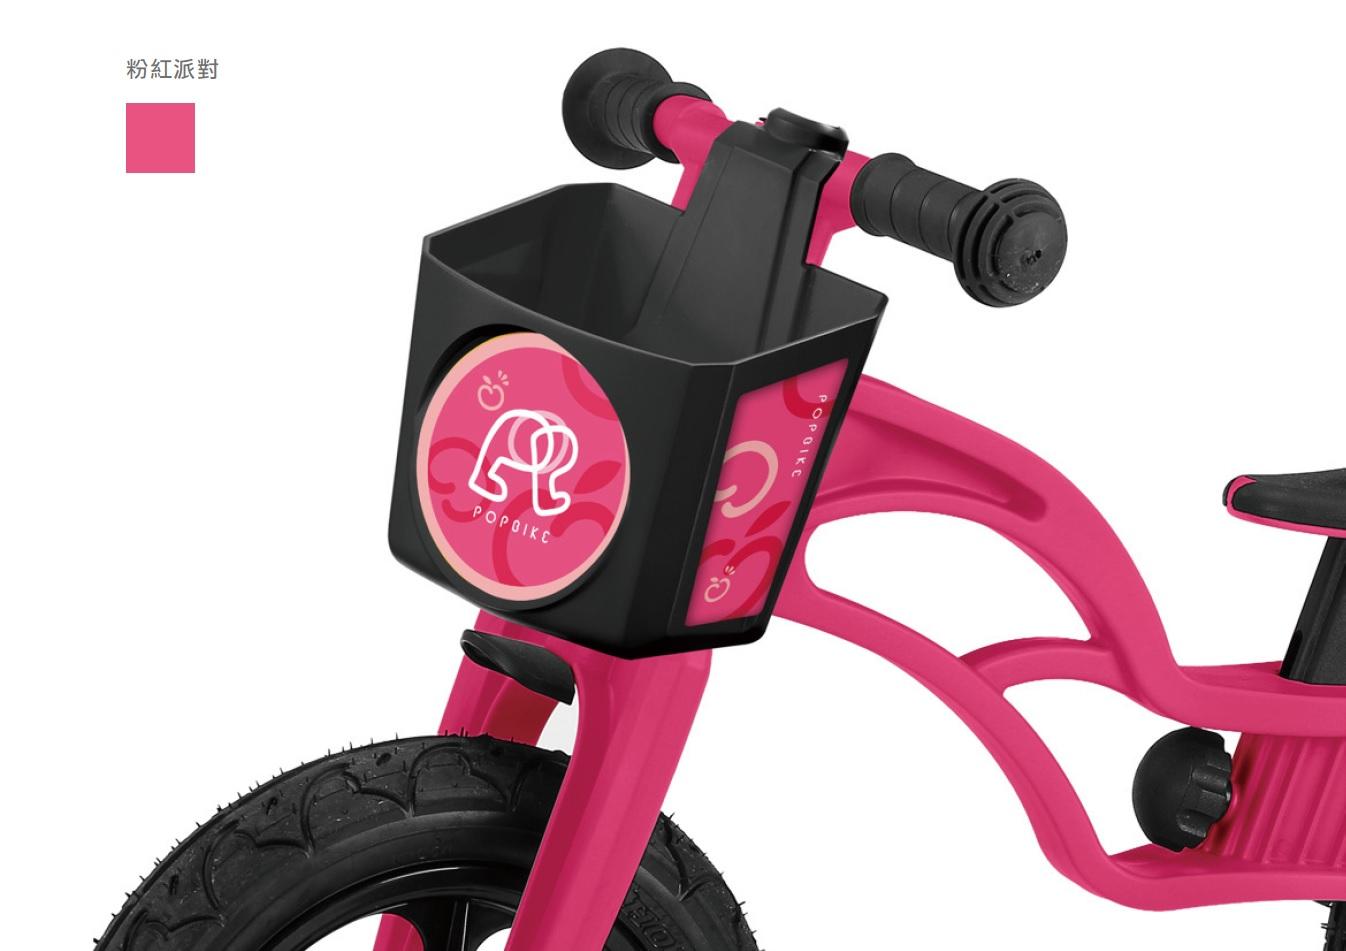 POPBIKE 兒童滑步車/平衡車/學步車/ - 配件 車籃 (粉紅派對)